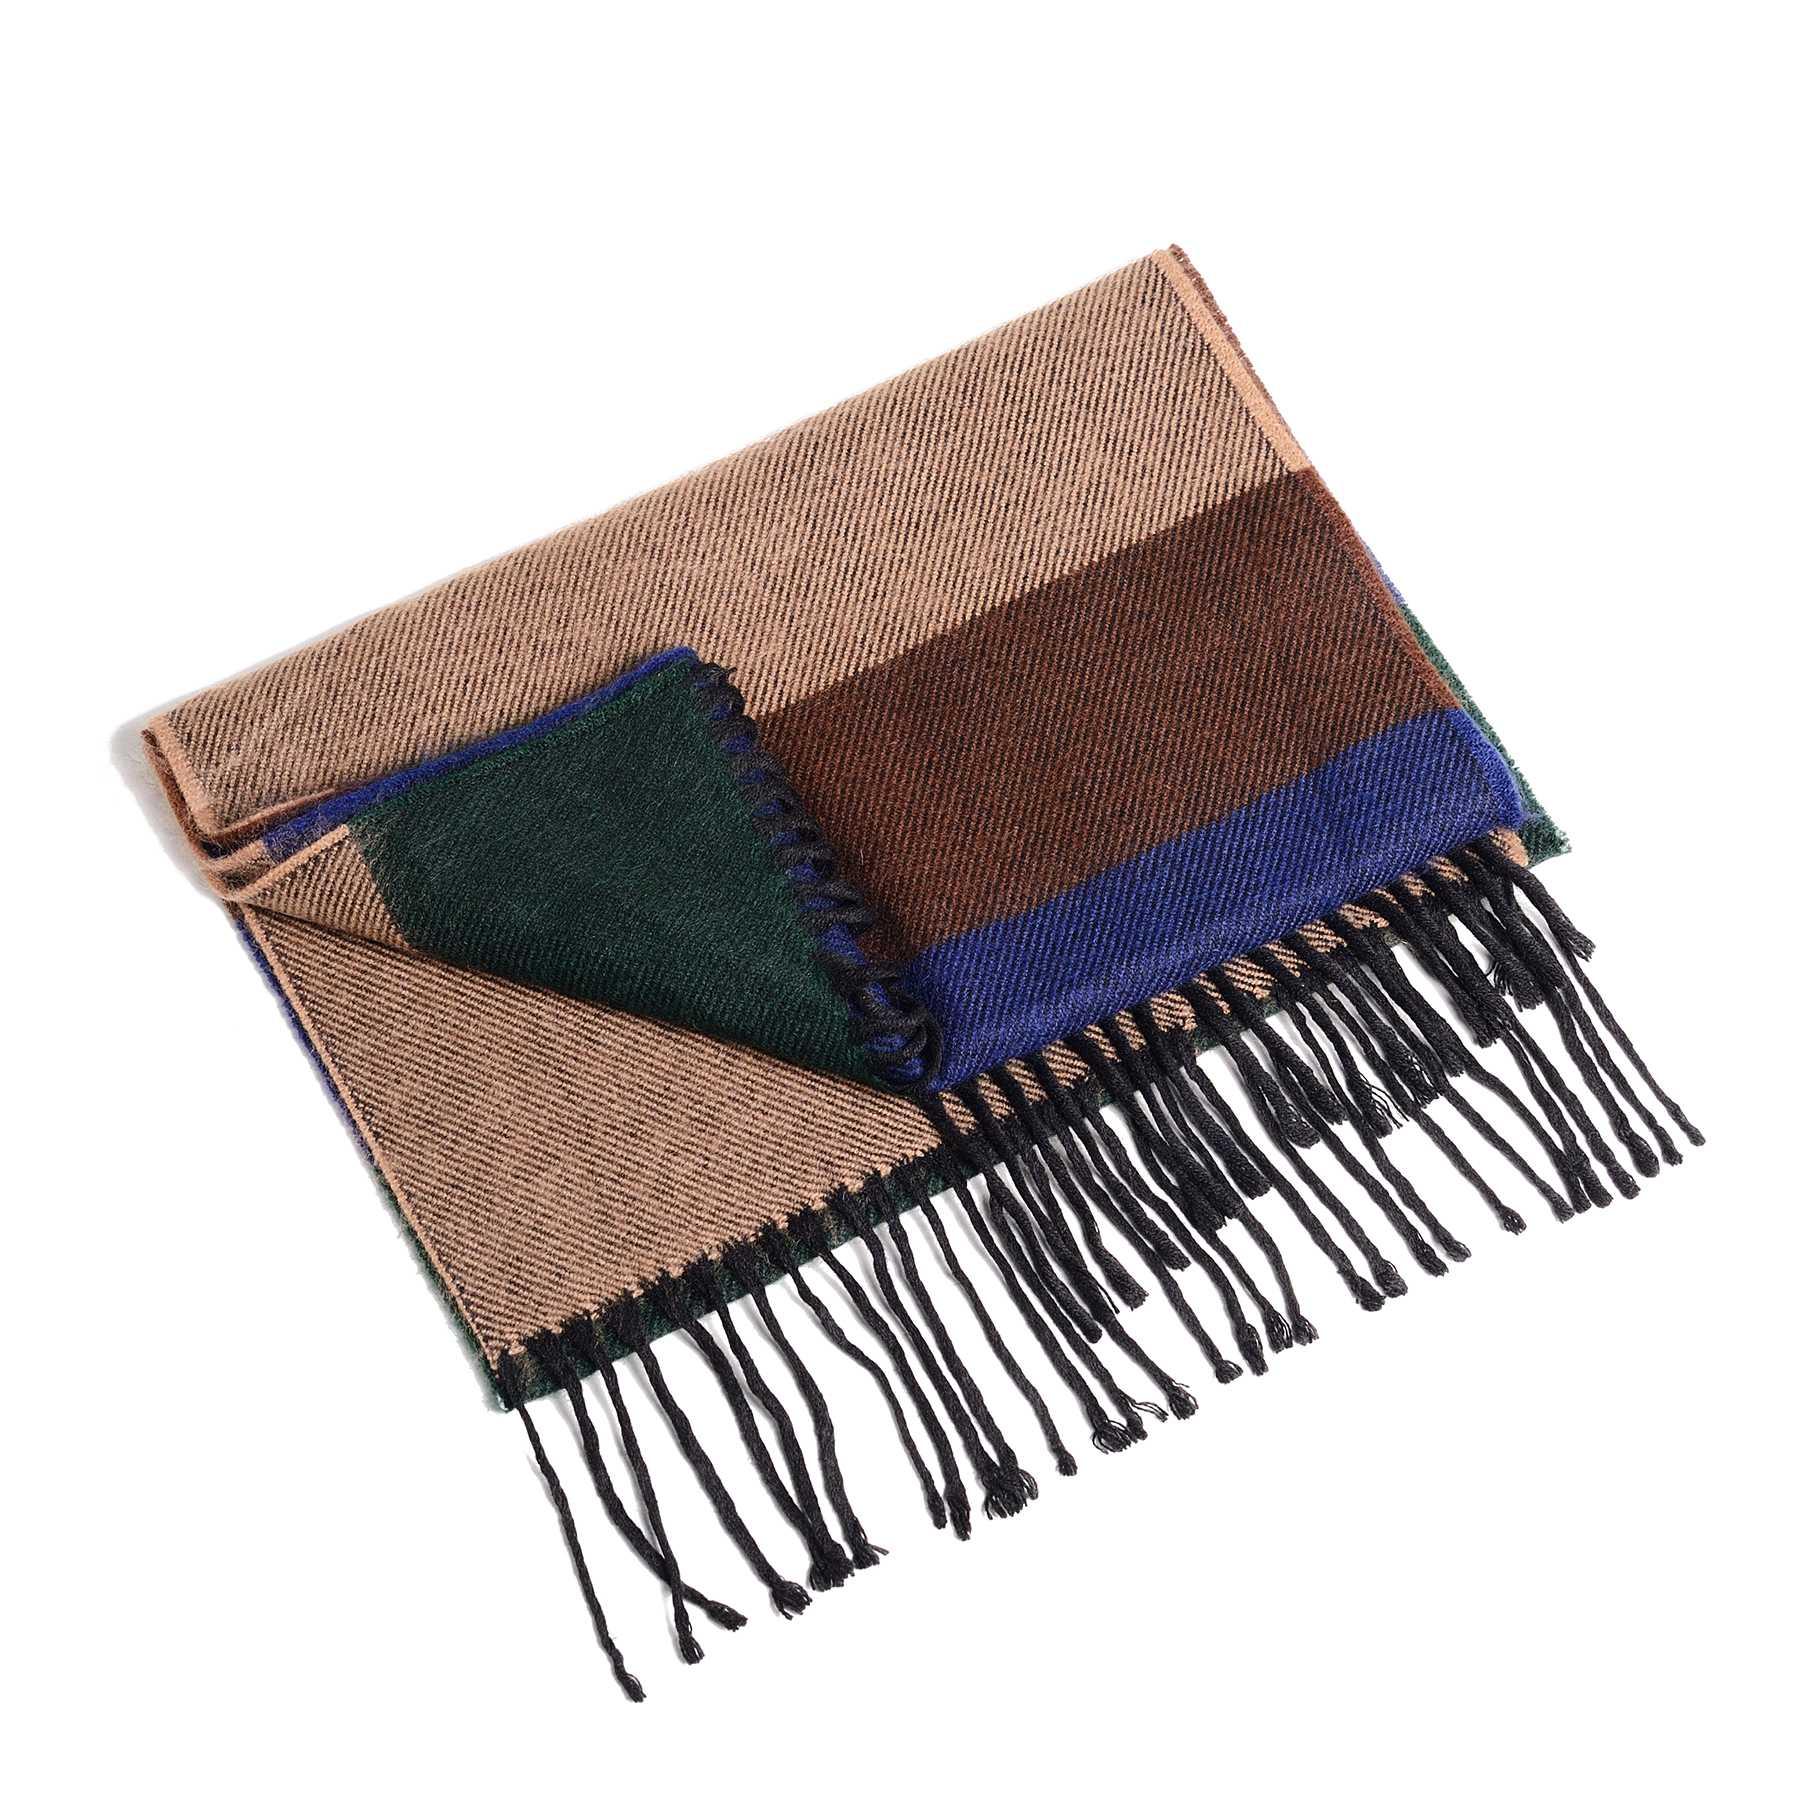 Шарф мужской четырехцветный (бежевый, коричневый, синий, зеленый)